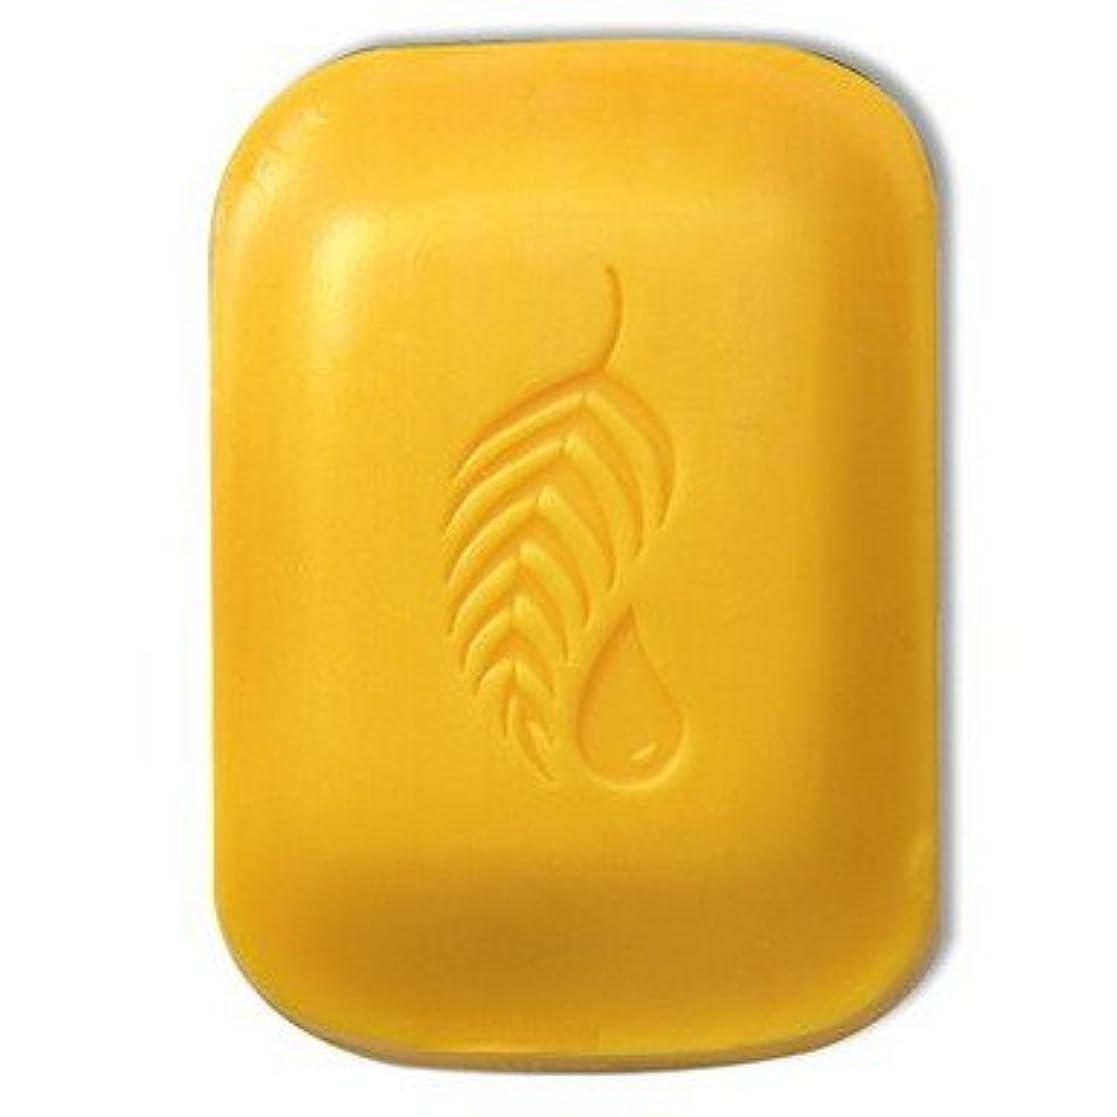 助言魅力打ち負かす【Melaleuca(メラルーカ)】ゴールド バー トライアルサイズ42.5g [並行輸入品]